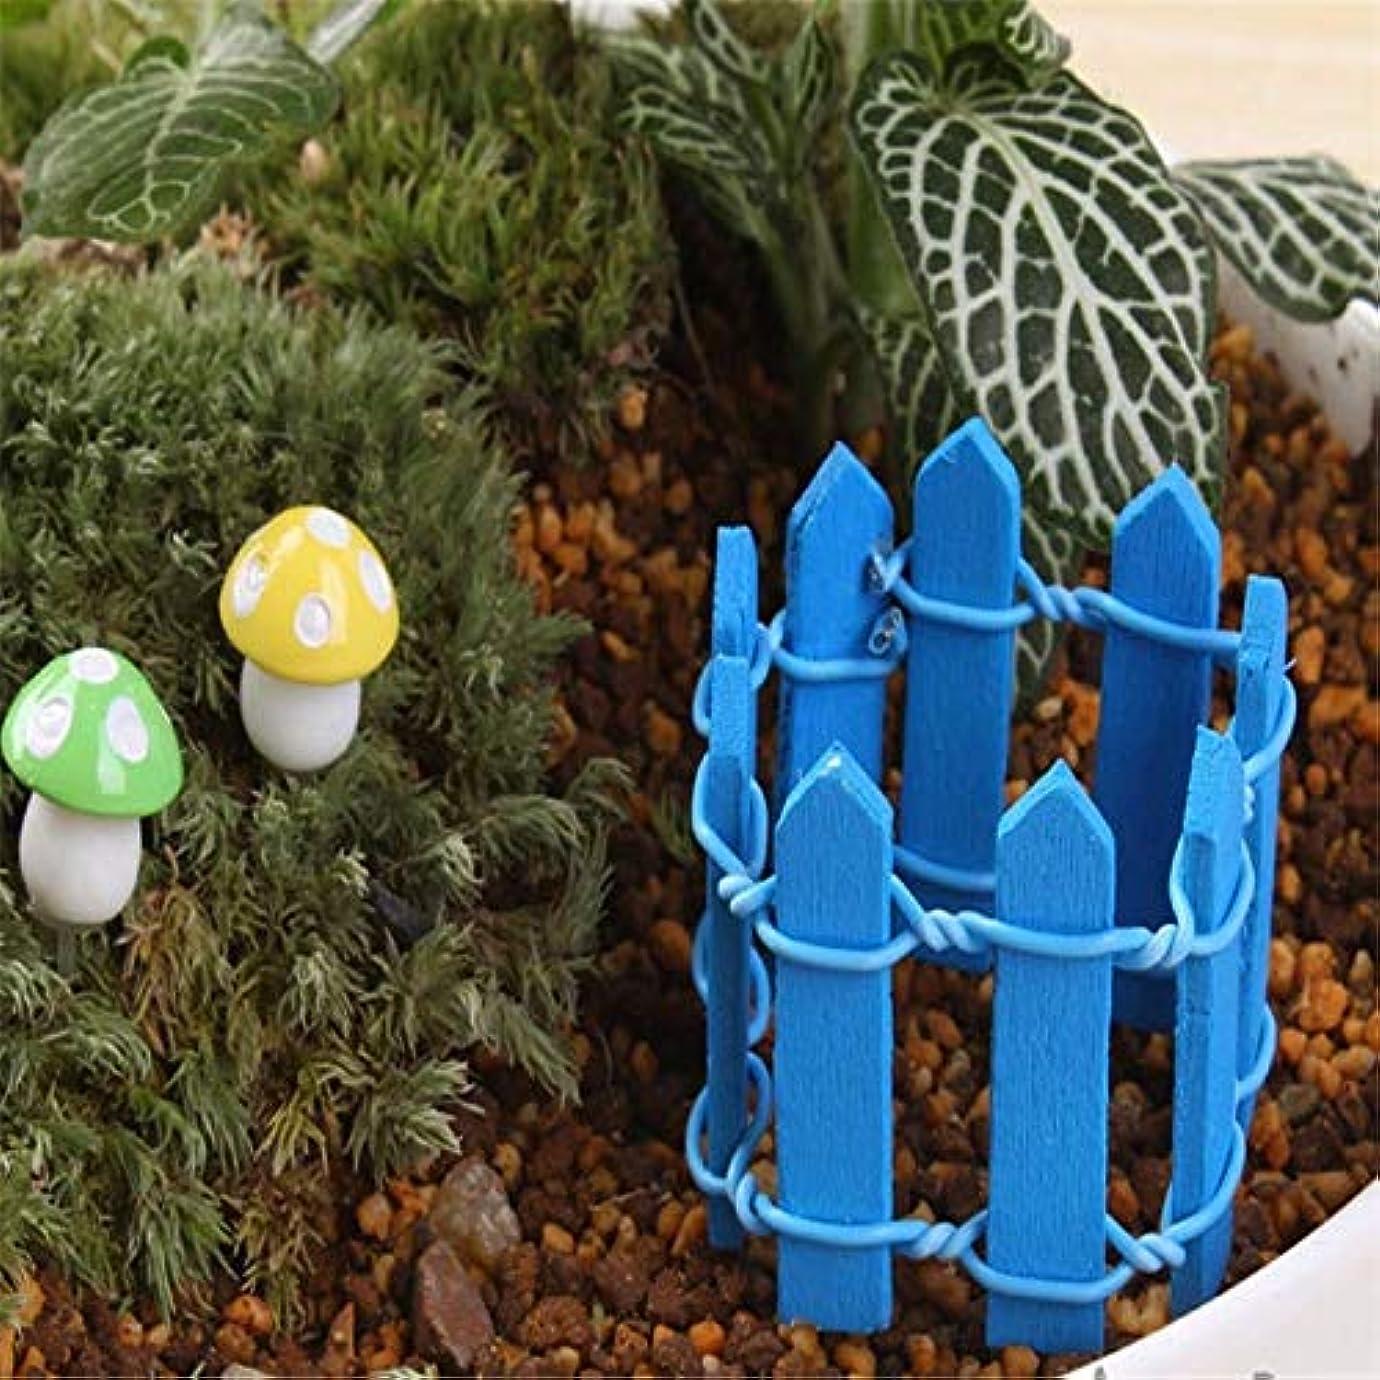 ポスターバー引数Jicorzo - 20個DIY木製の小さなフェンスモステラリウム植木鉢工芸ミニおもちゃフェアリーガーデンミニチュア[ディープブルー]